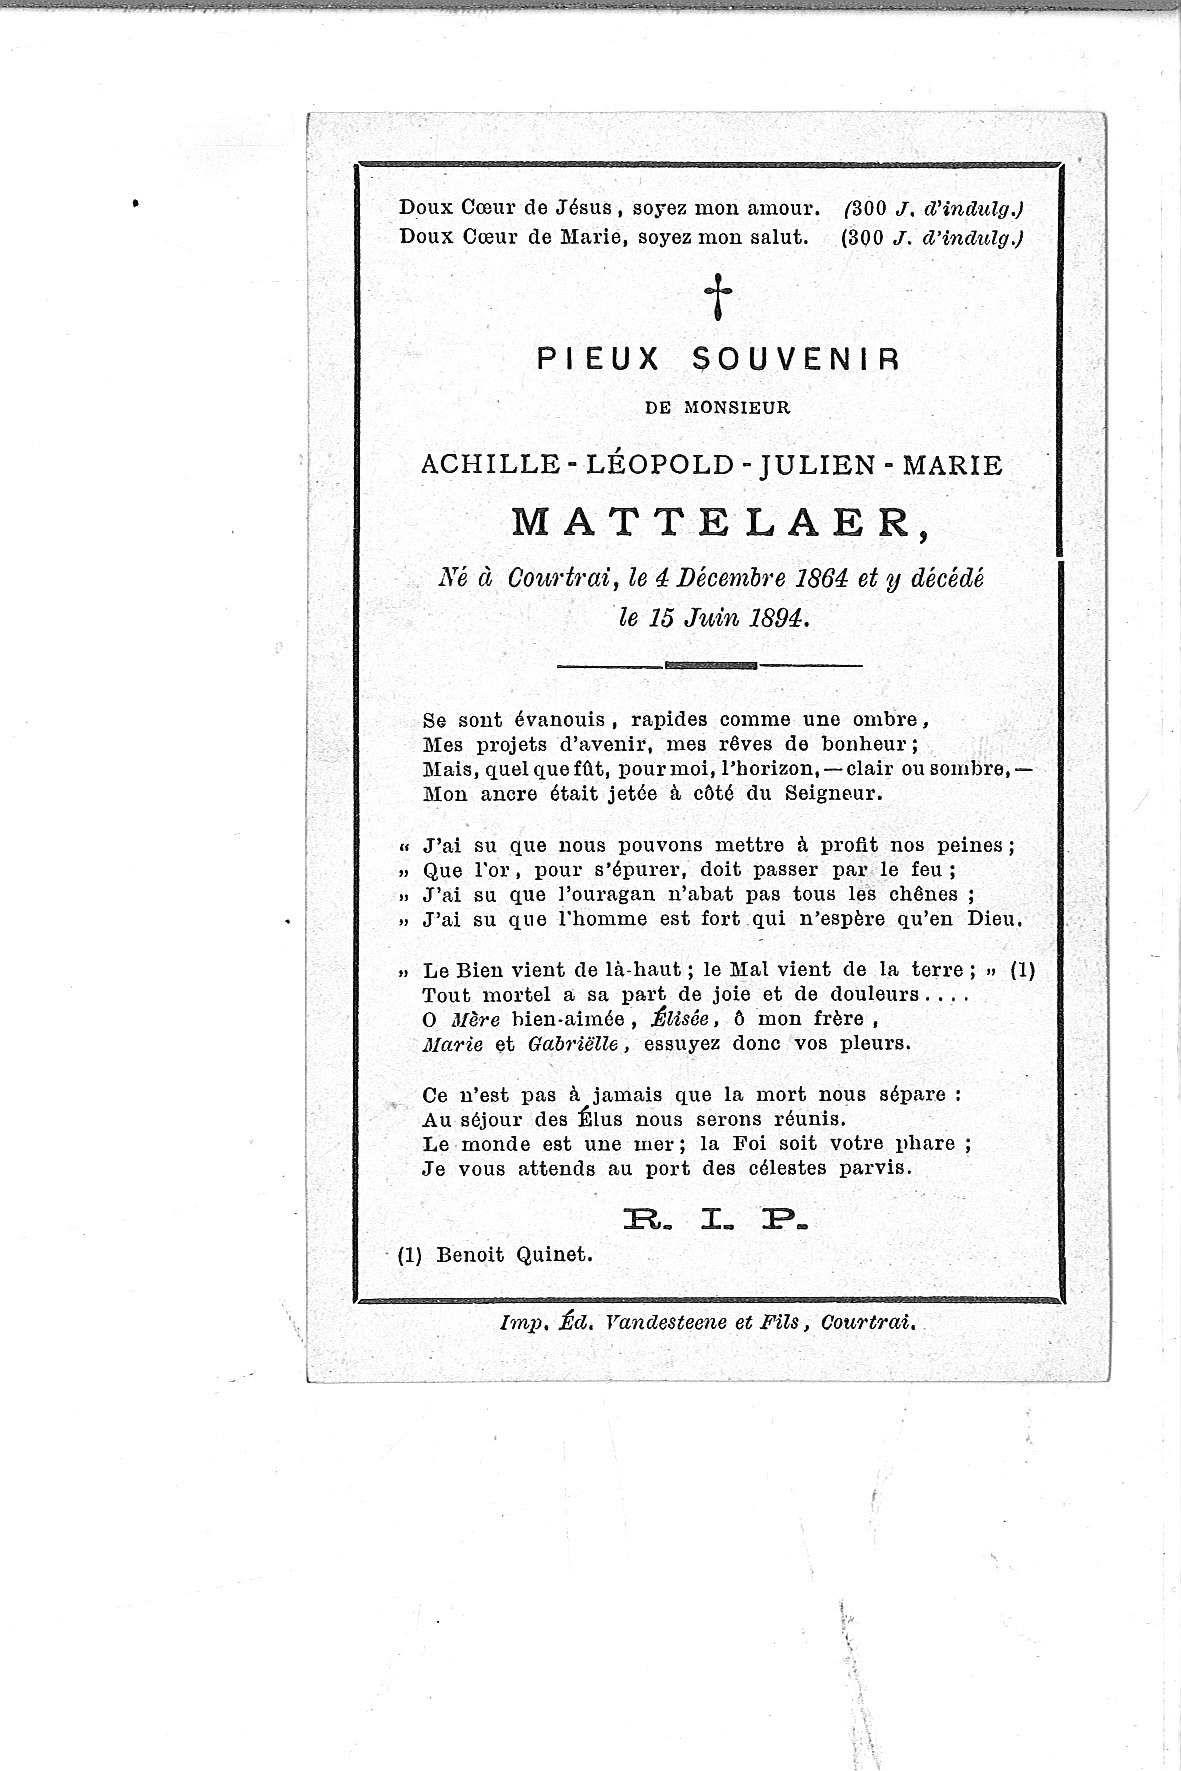 Achille-Léopold-Julien-Marie(1894)20130508143303_00001.jpg